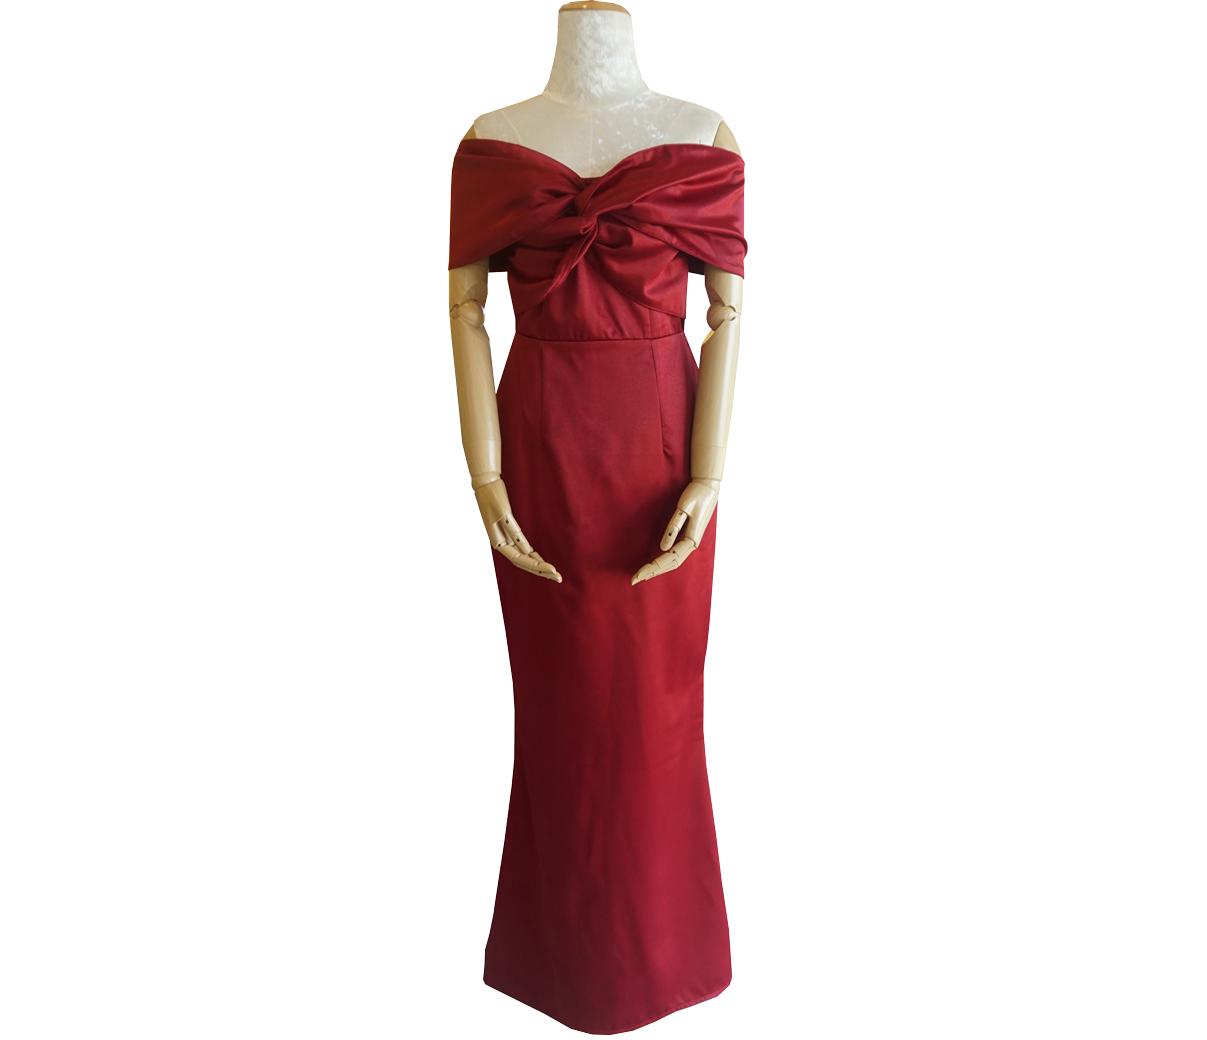 ชุดออกงานยาวสีแดง เปิดไหล่ แต่งโบว์หน้า แนวเรียบๆ สวยหรู ดูดี : พร้อมส่ง S M